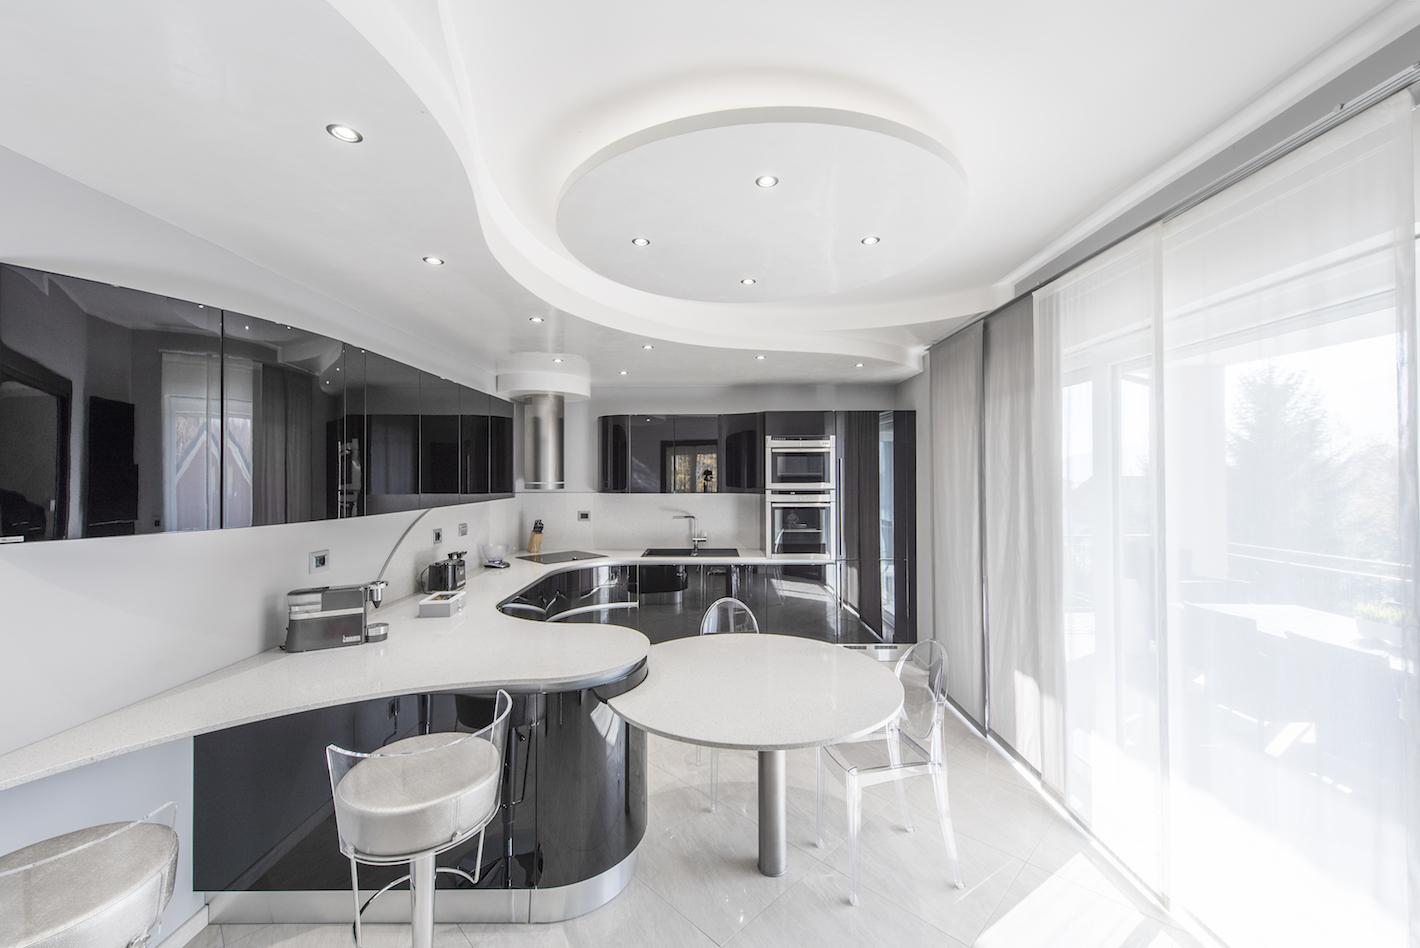 Gallery home progettazione e design di interni con for Interni villa moderna